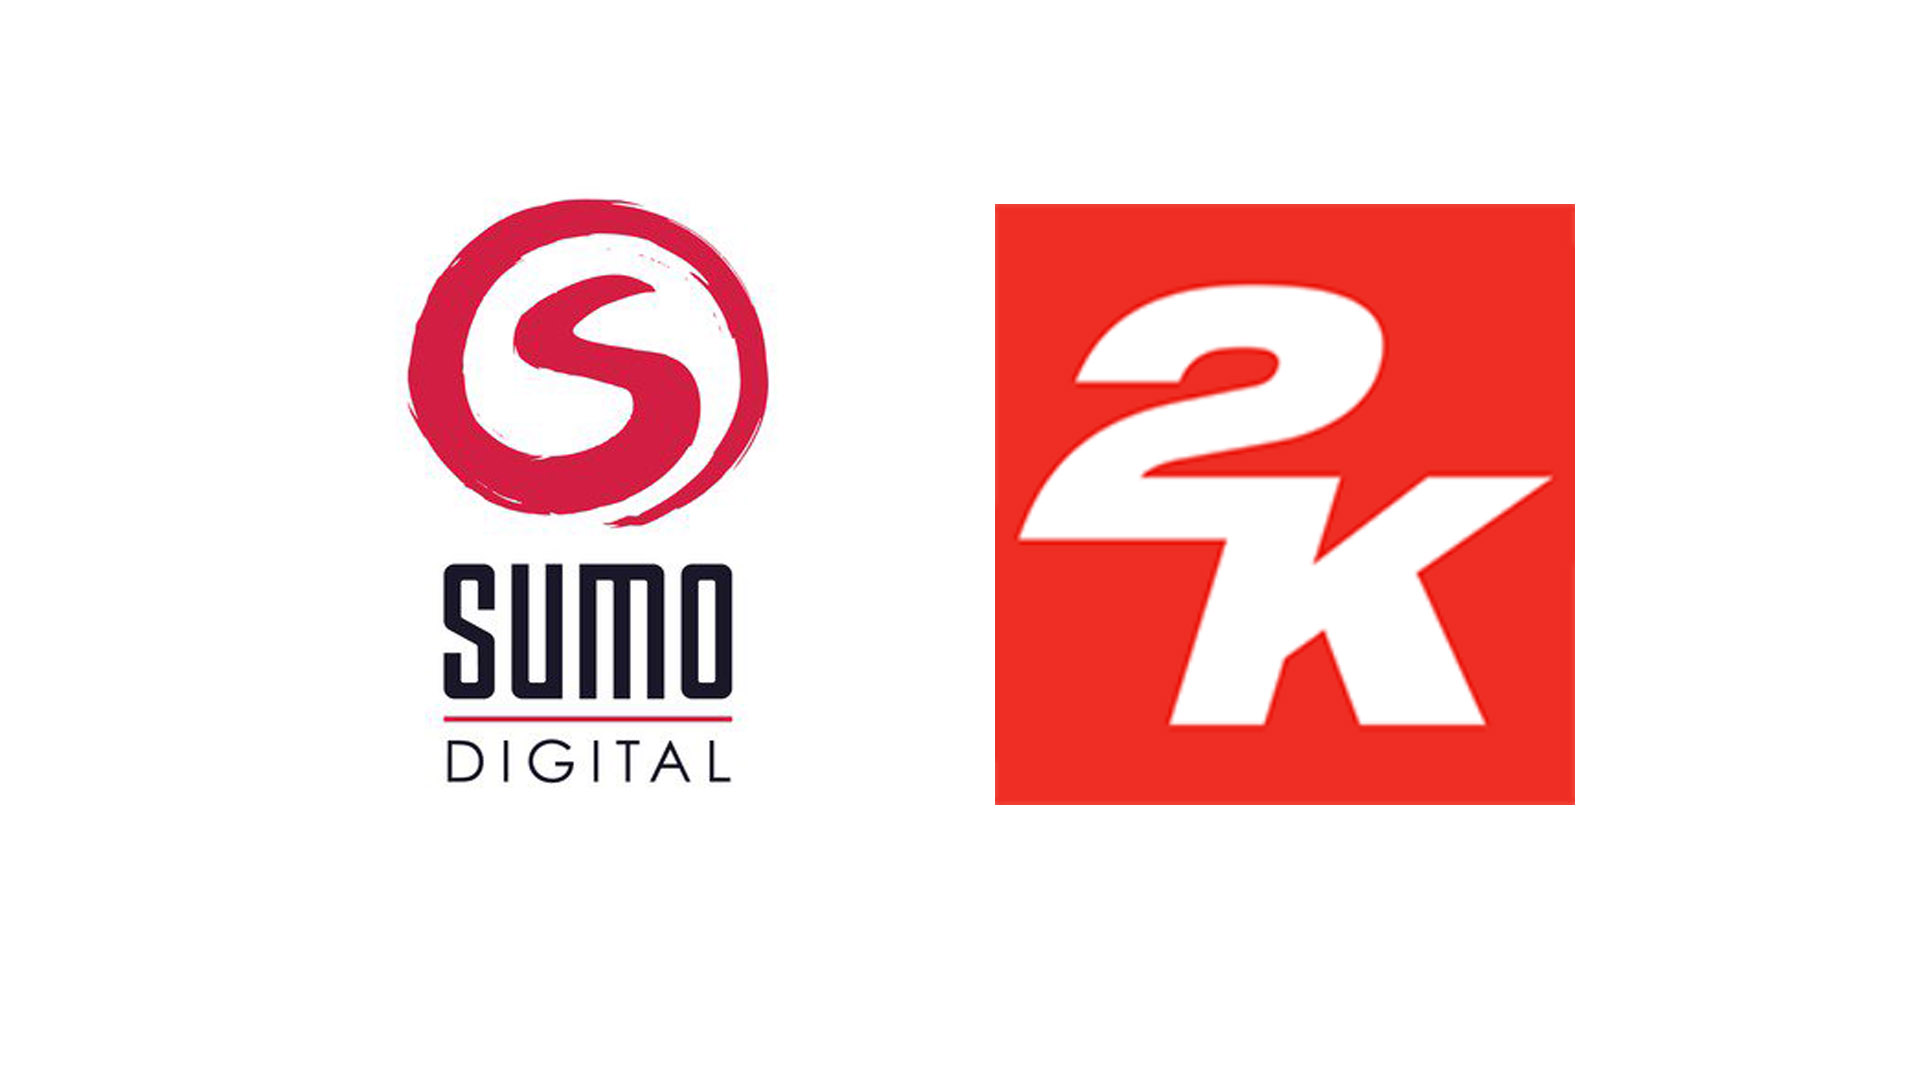 Sumo Digital y 2K Games se alían para varios proyectos sin anunciar